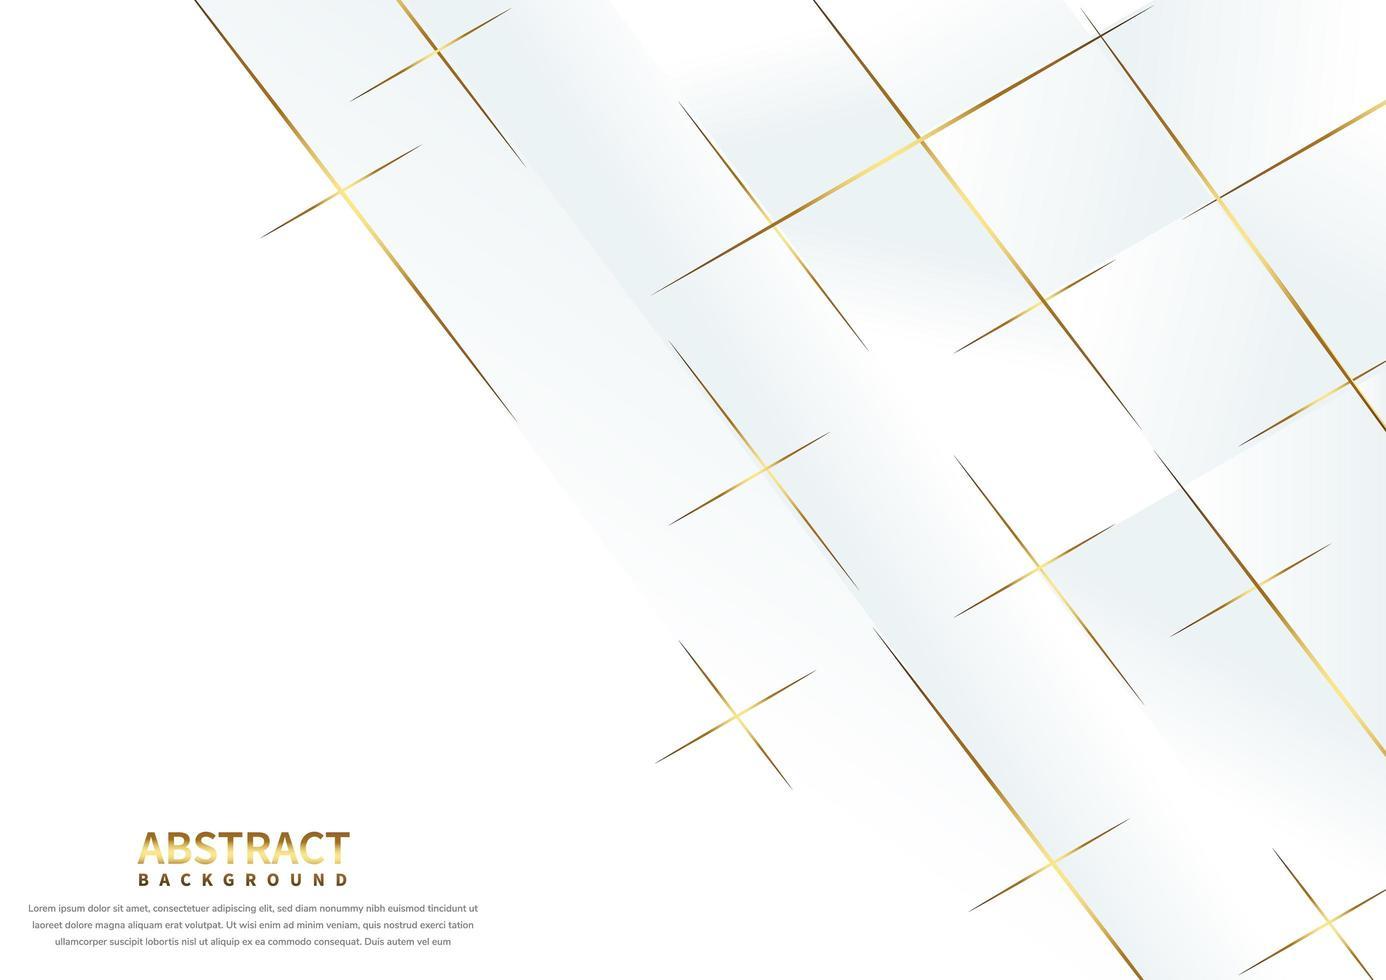 fond blanc abstact avec des lignes qui se chevauchent d'or vecteur